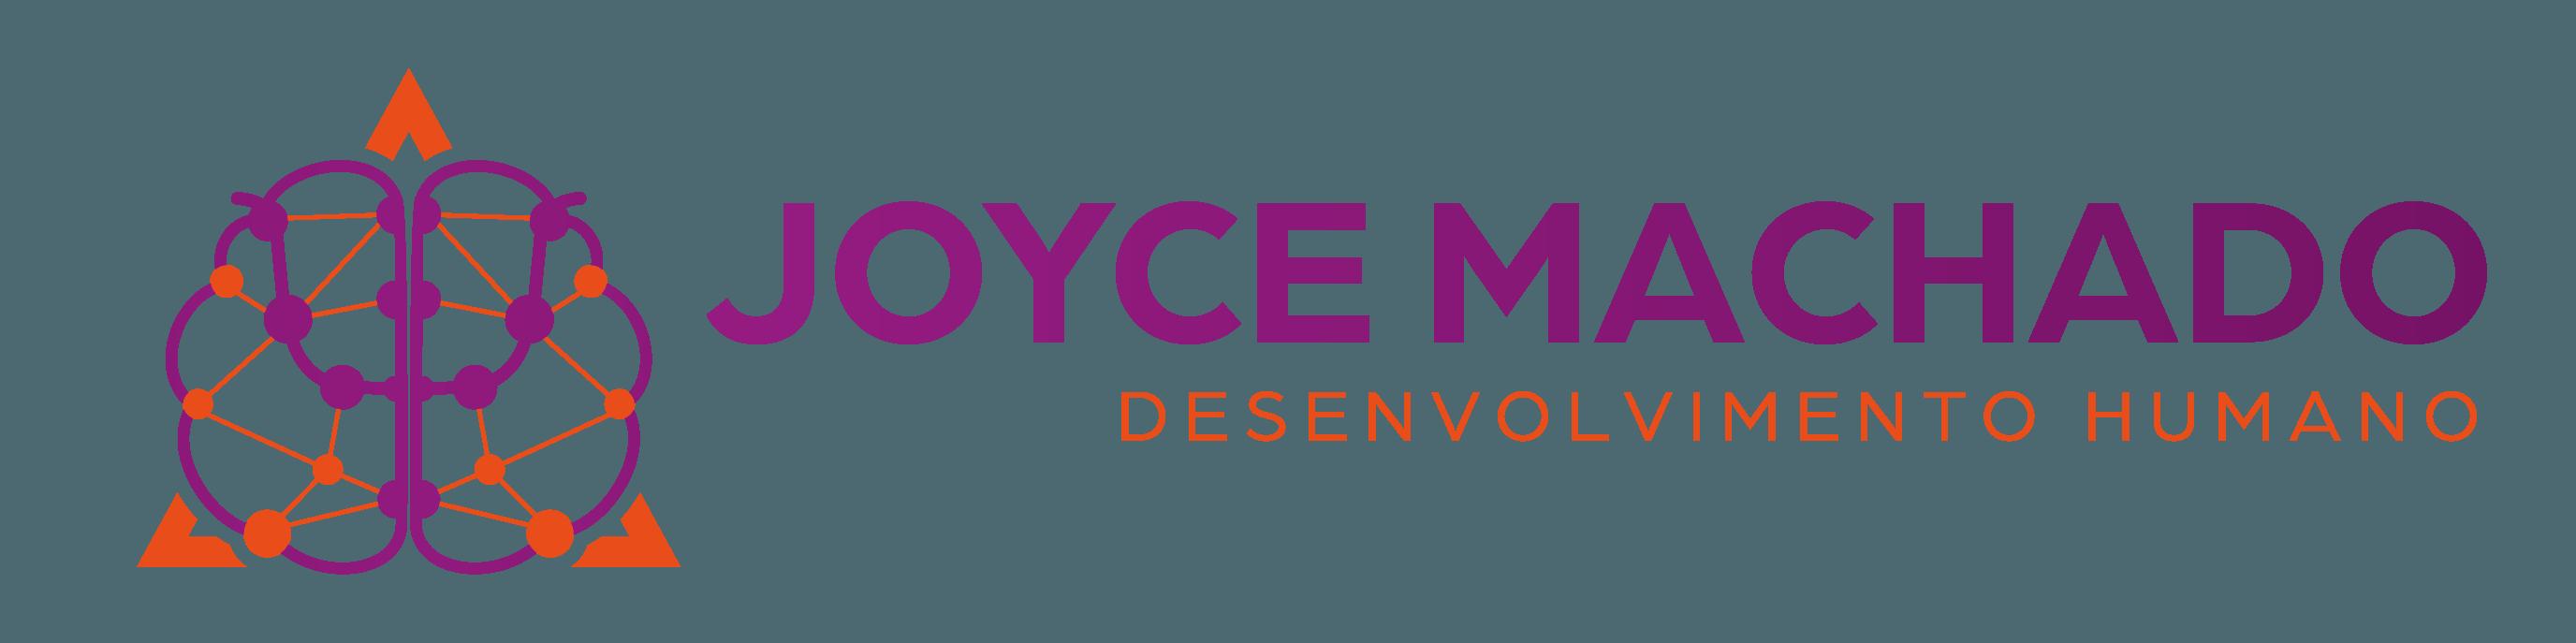 Joyce Machado | Desenvolvimento Humano